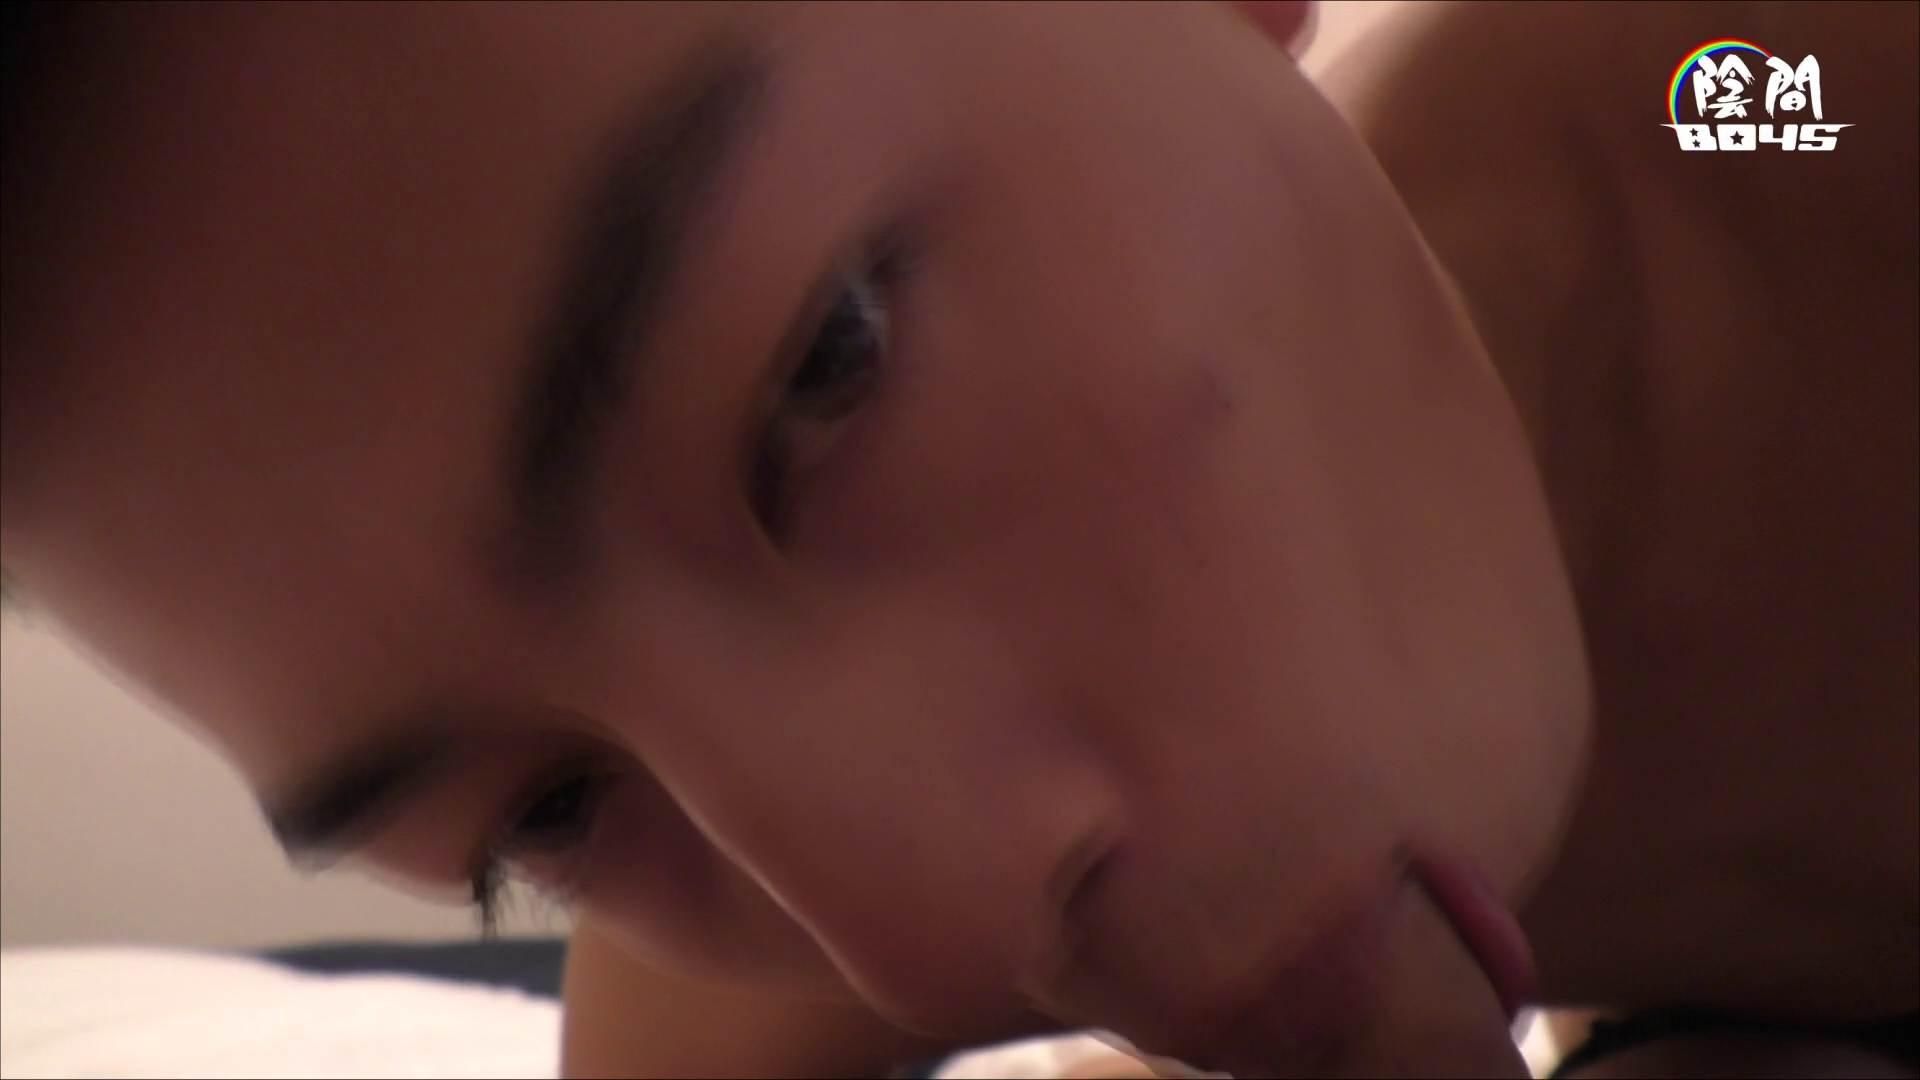 「君のアナルは」part2 ~ノンケの素顔~ Vol.06 アナル責め ゲイ無修正動画画像 110枚 45